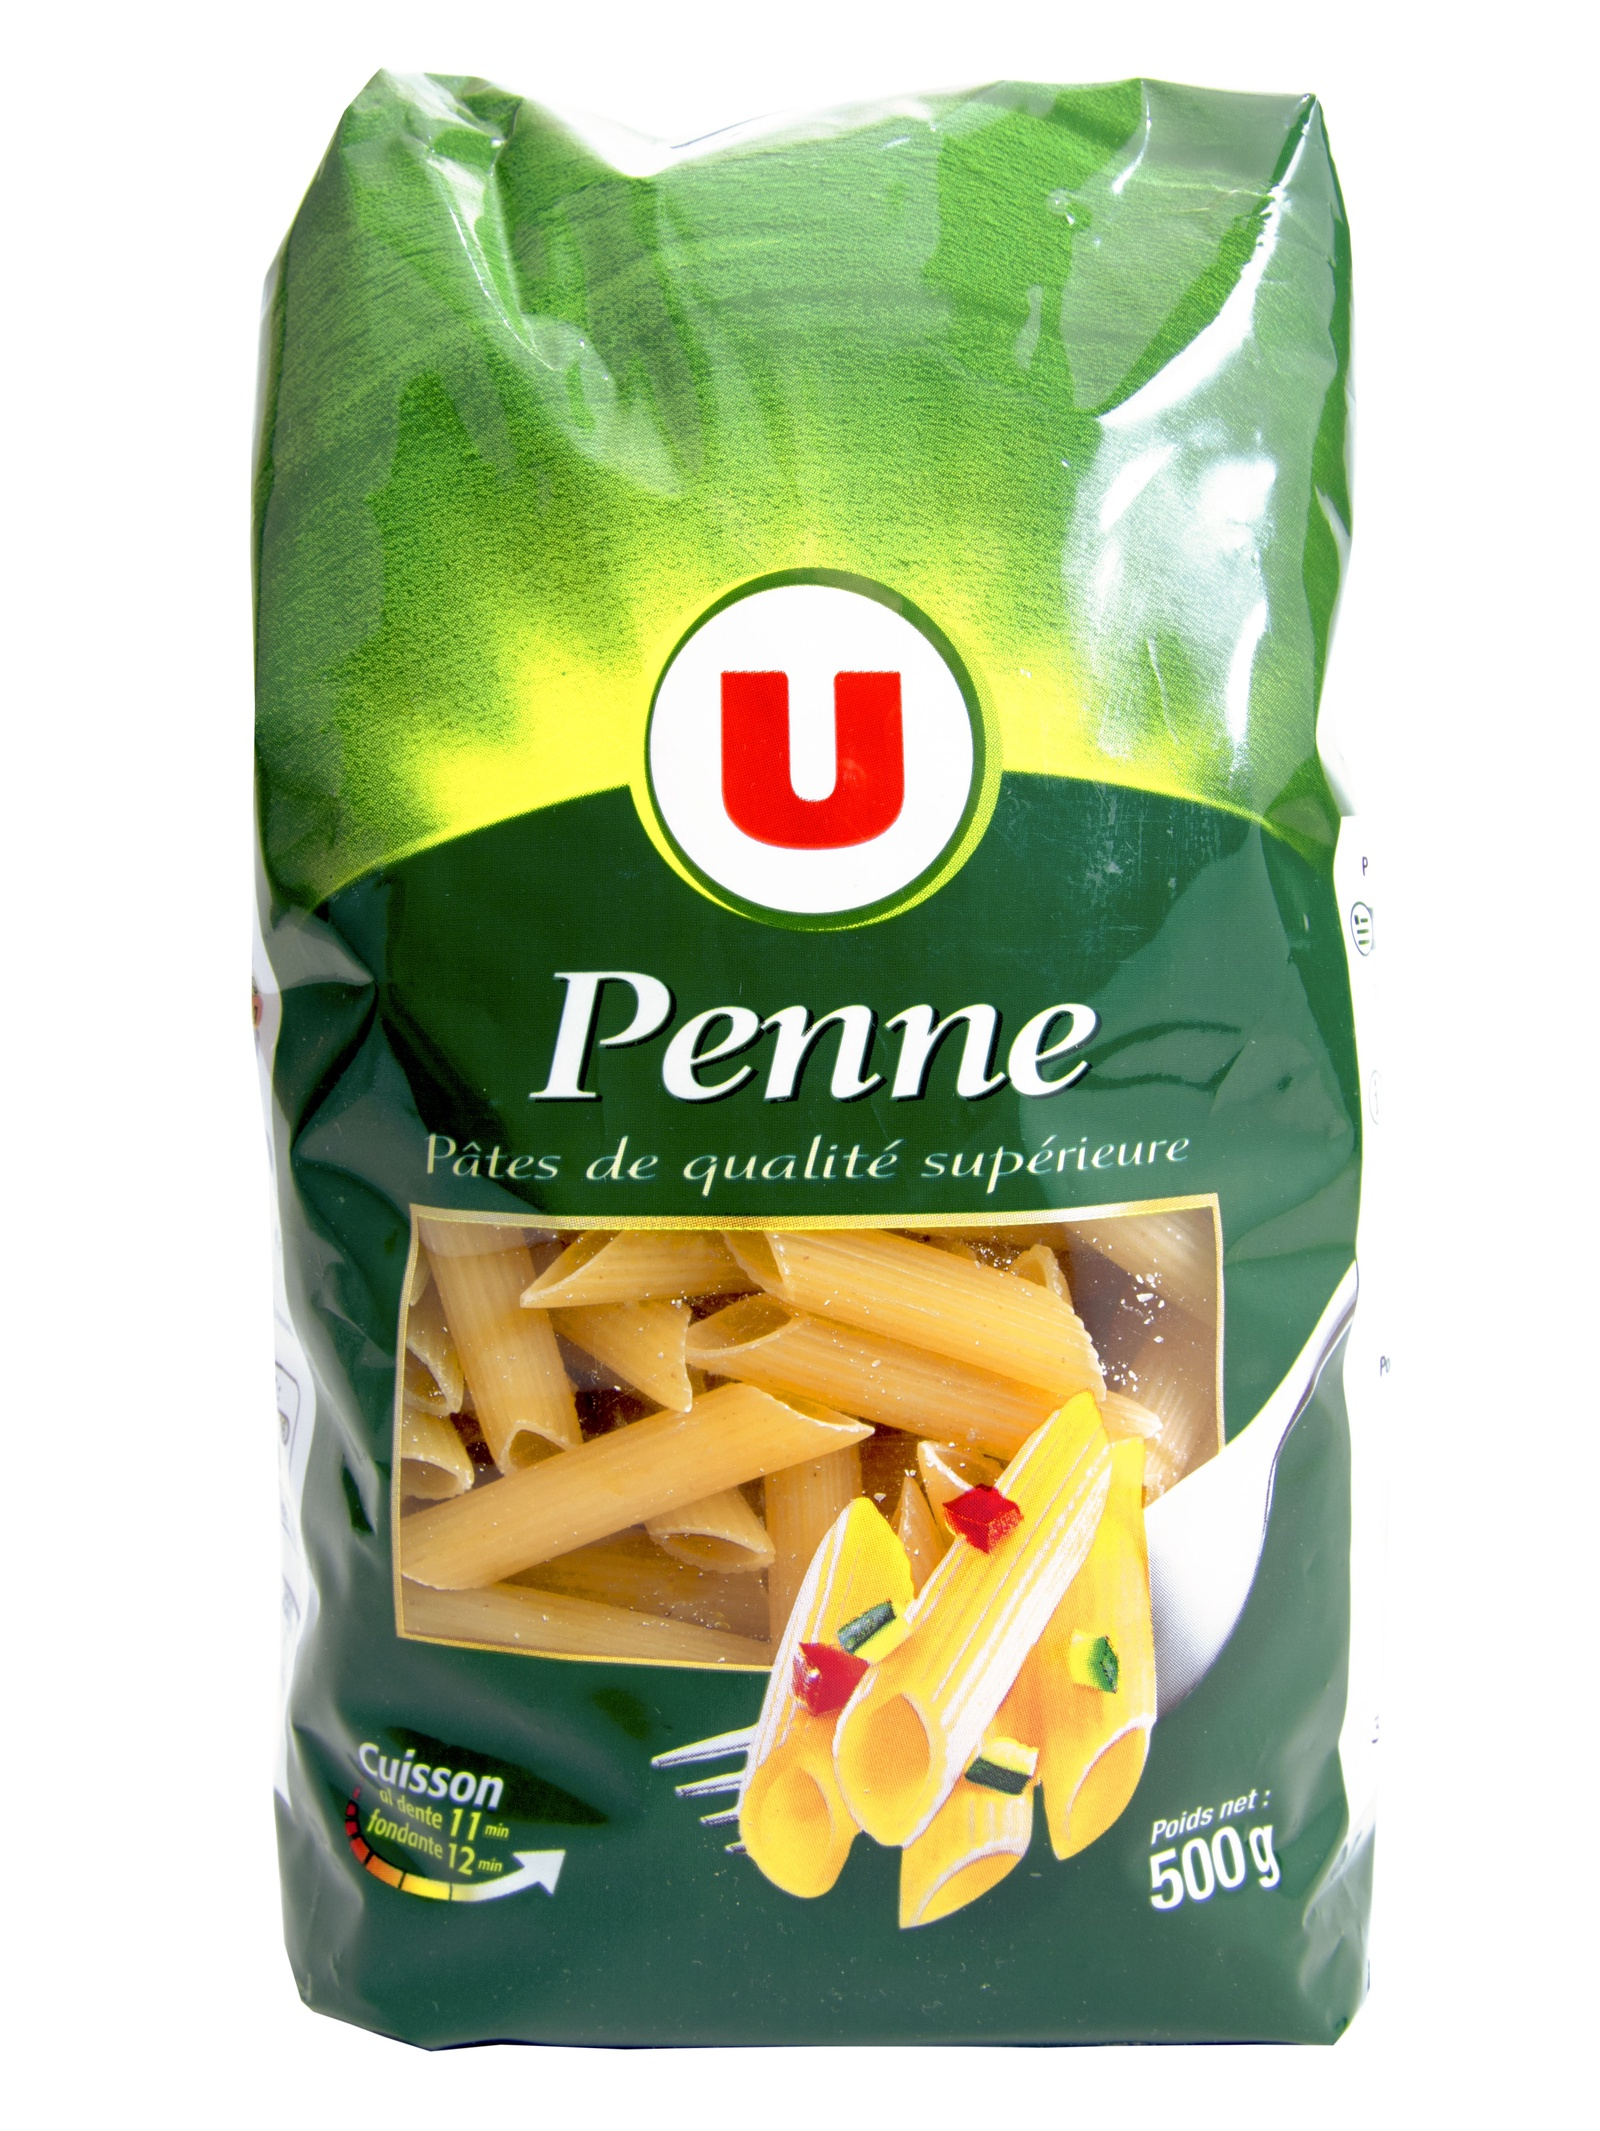 Макароны U Penne пенне из пшеничной муки из твердых сортов, 500 г., Франция rummo casarecce 88 паста 500 г